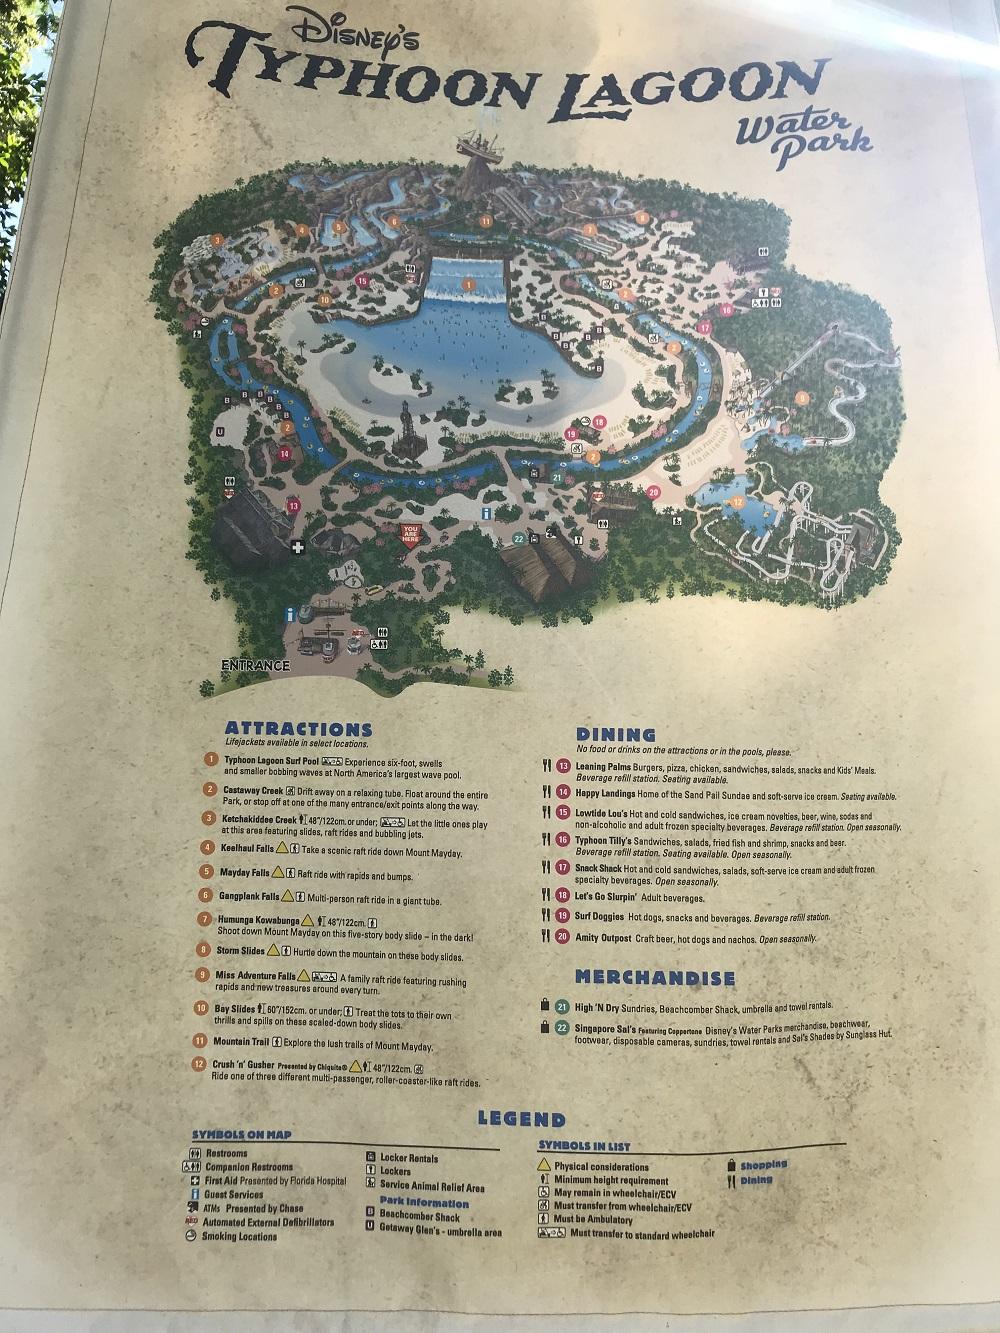 タイフーンラグーン地図